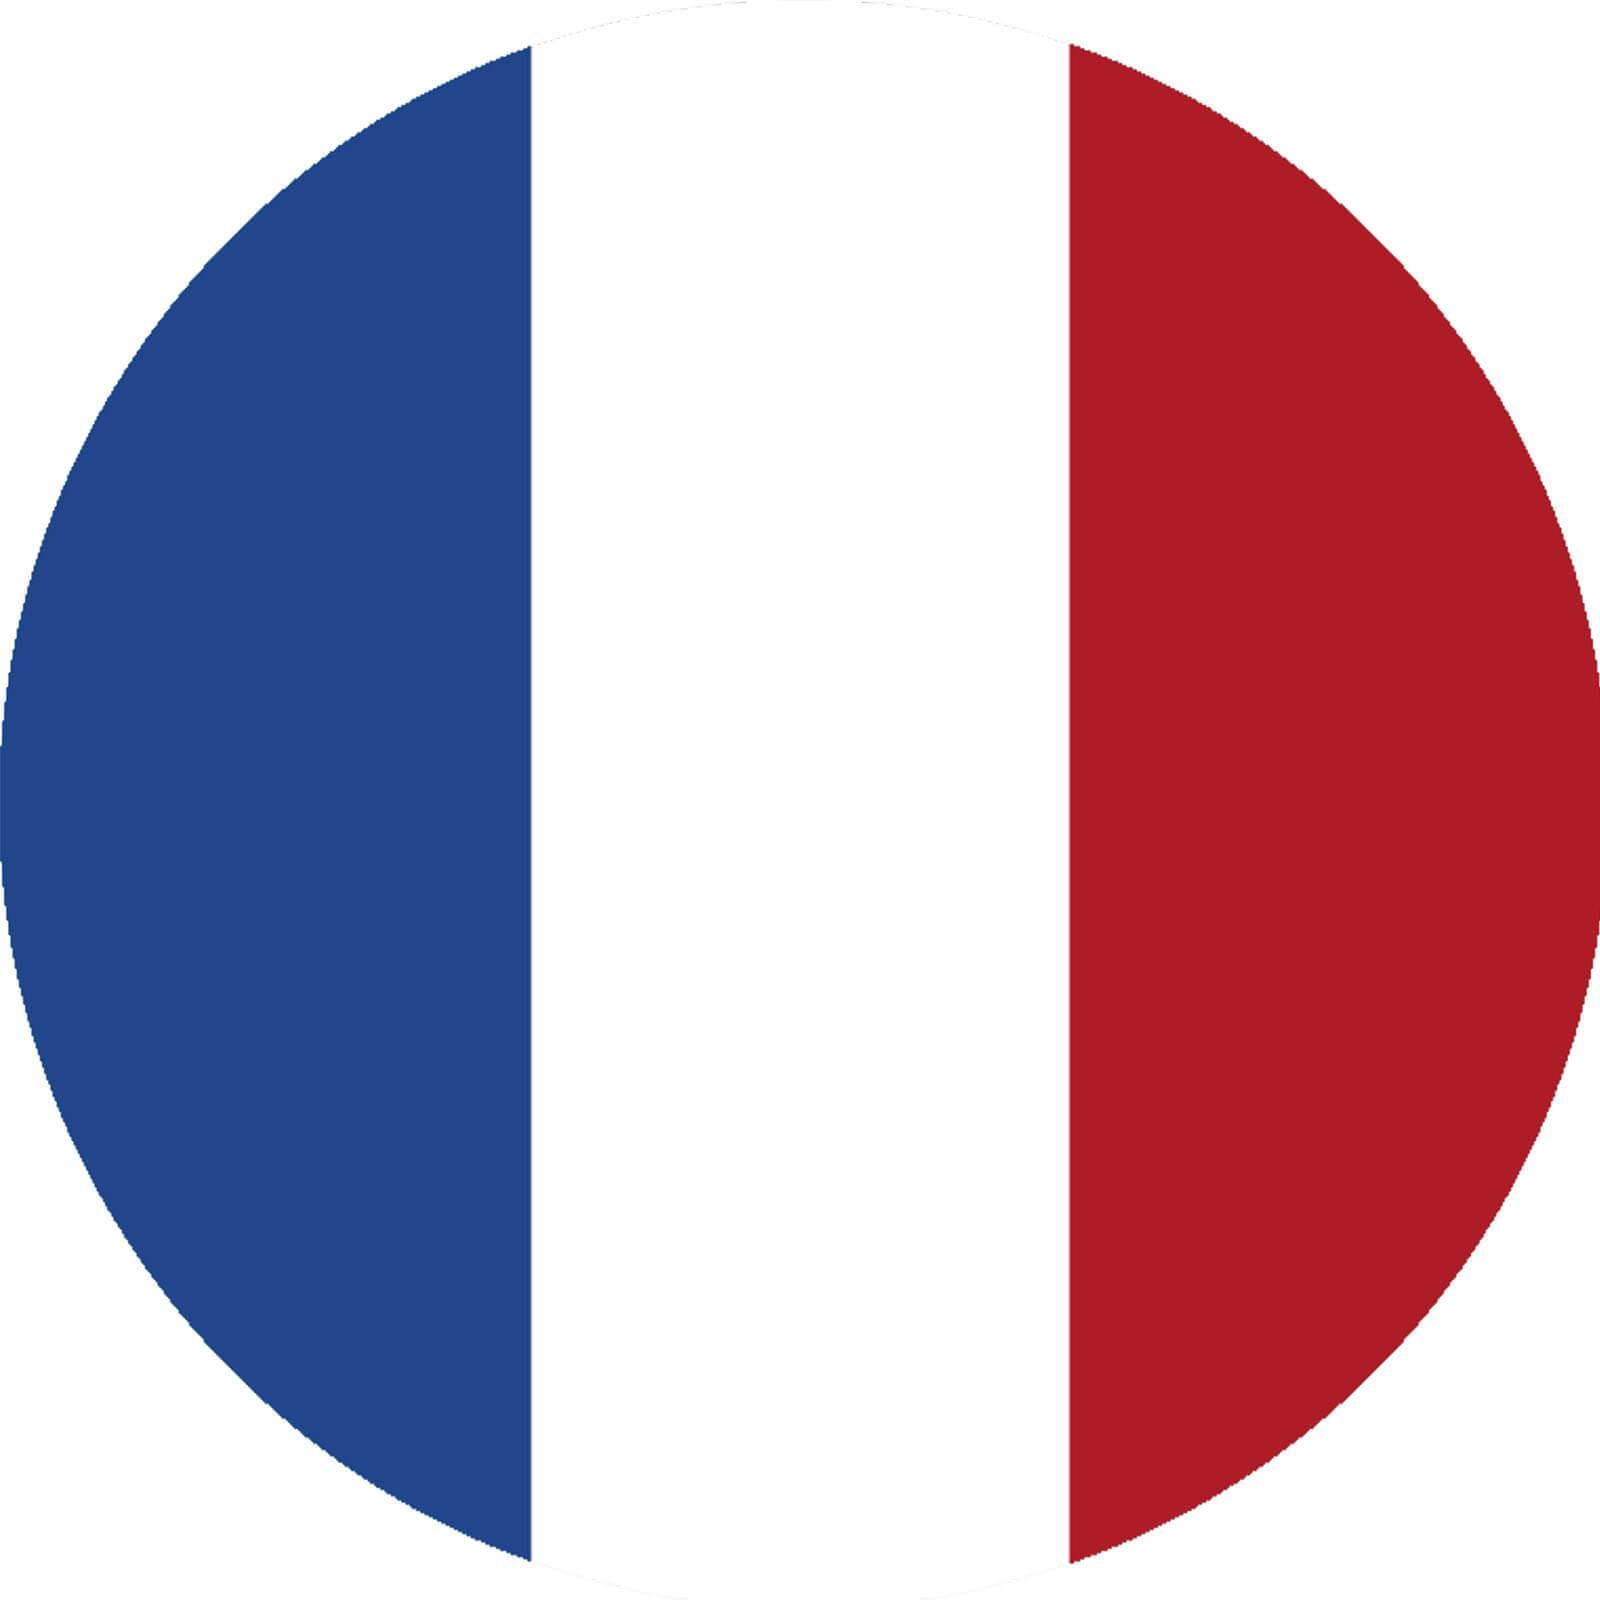 Tortenaufleger Frankreich Flagge rund kaufen - Partydeko & Partyartikel für  Mottopartys im fixefete.de Shop kaufen